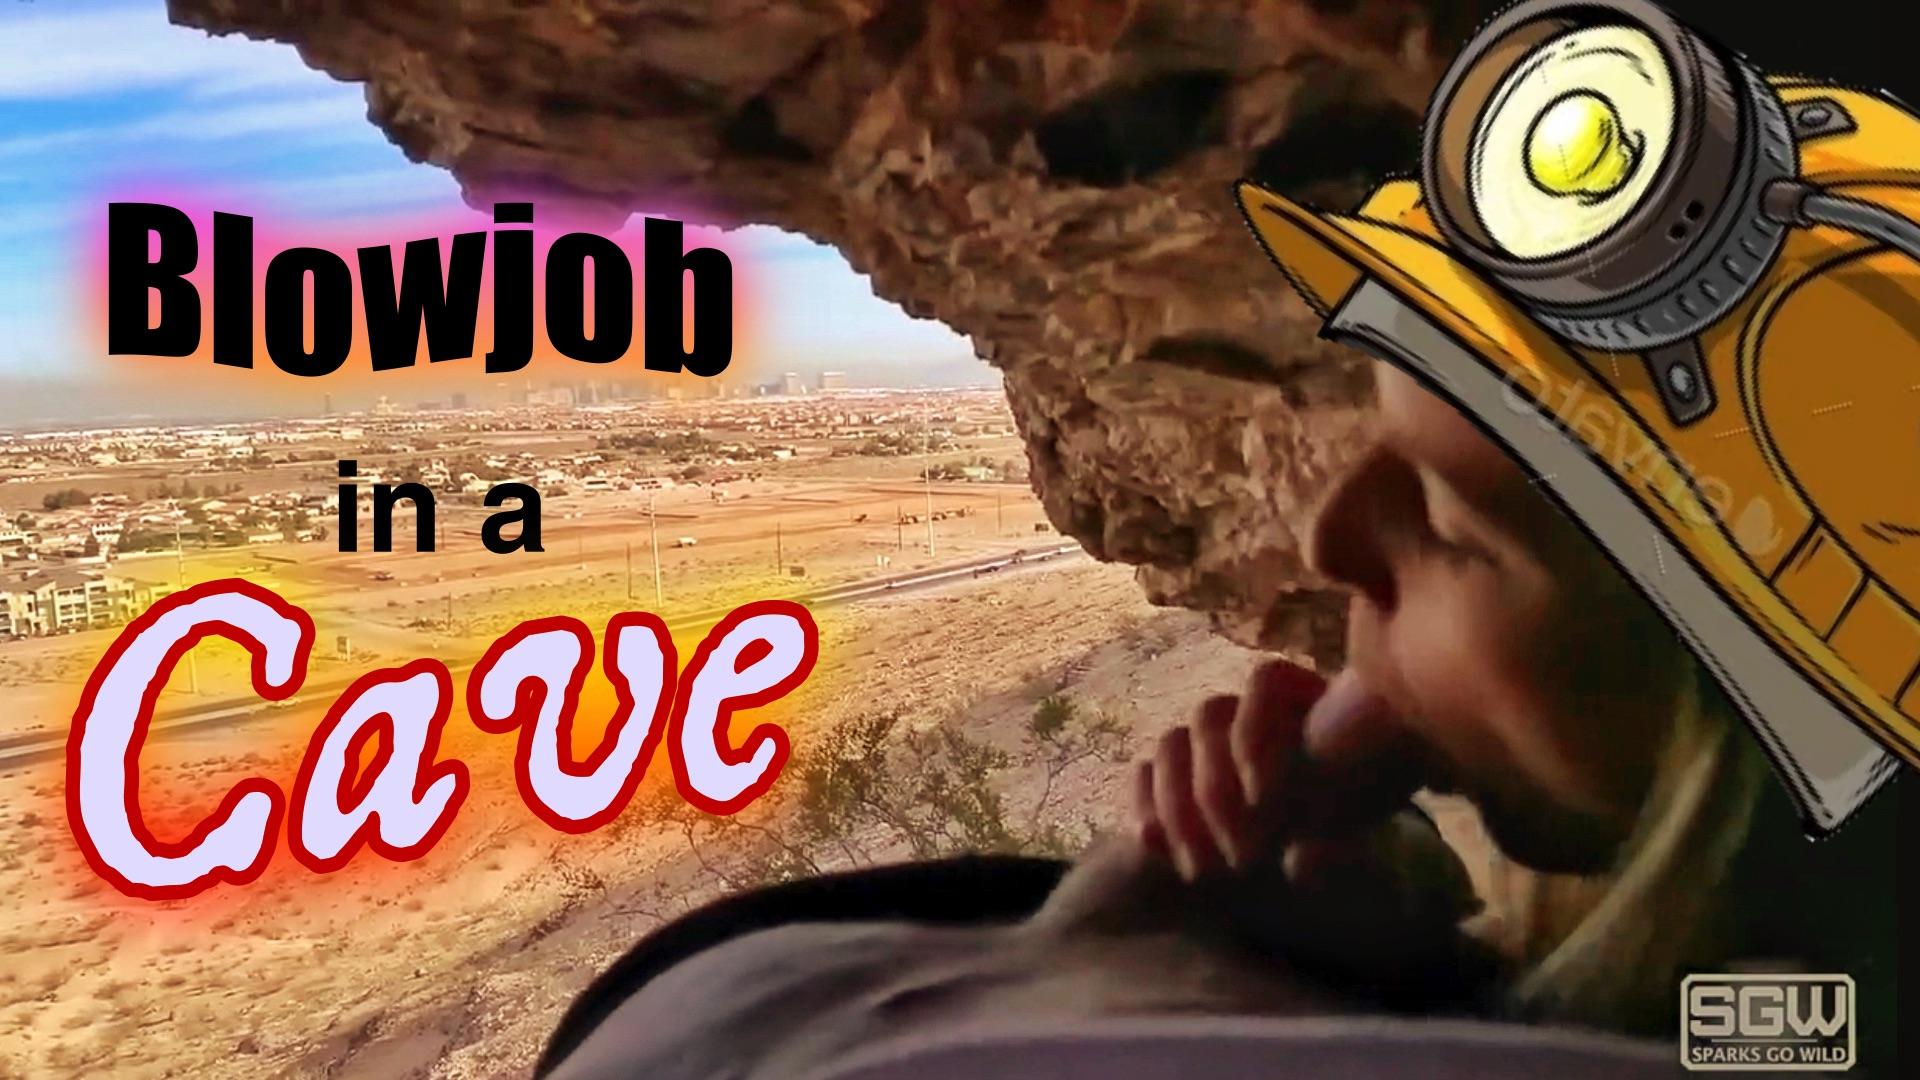 Blowjob in a Las Vegas Cave